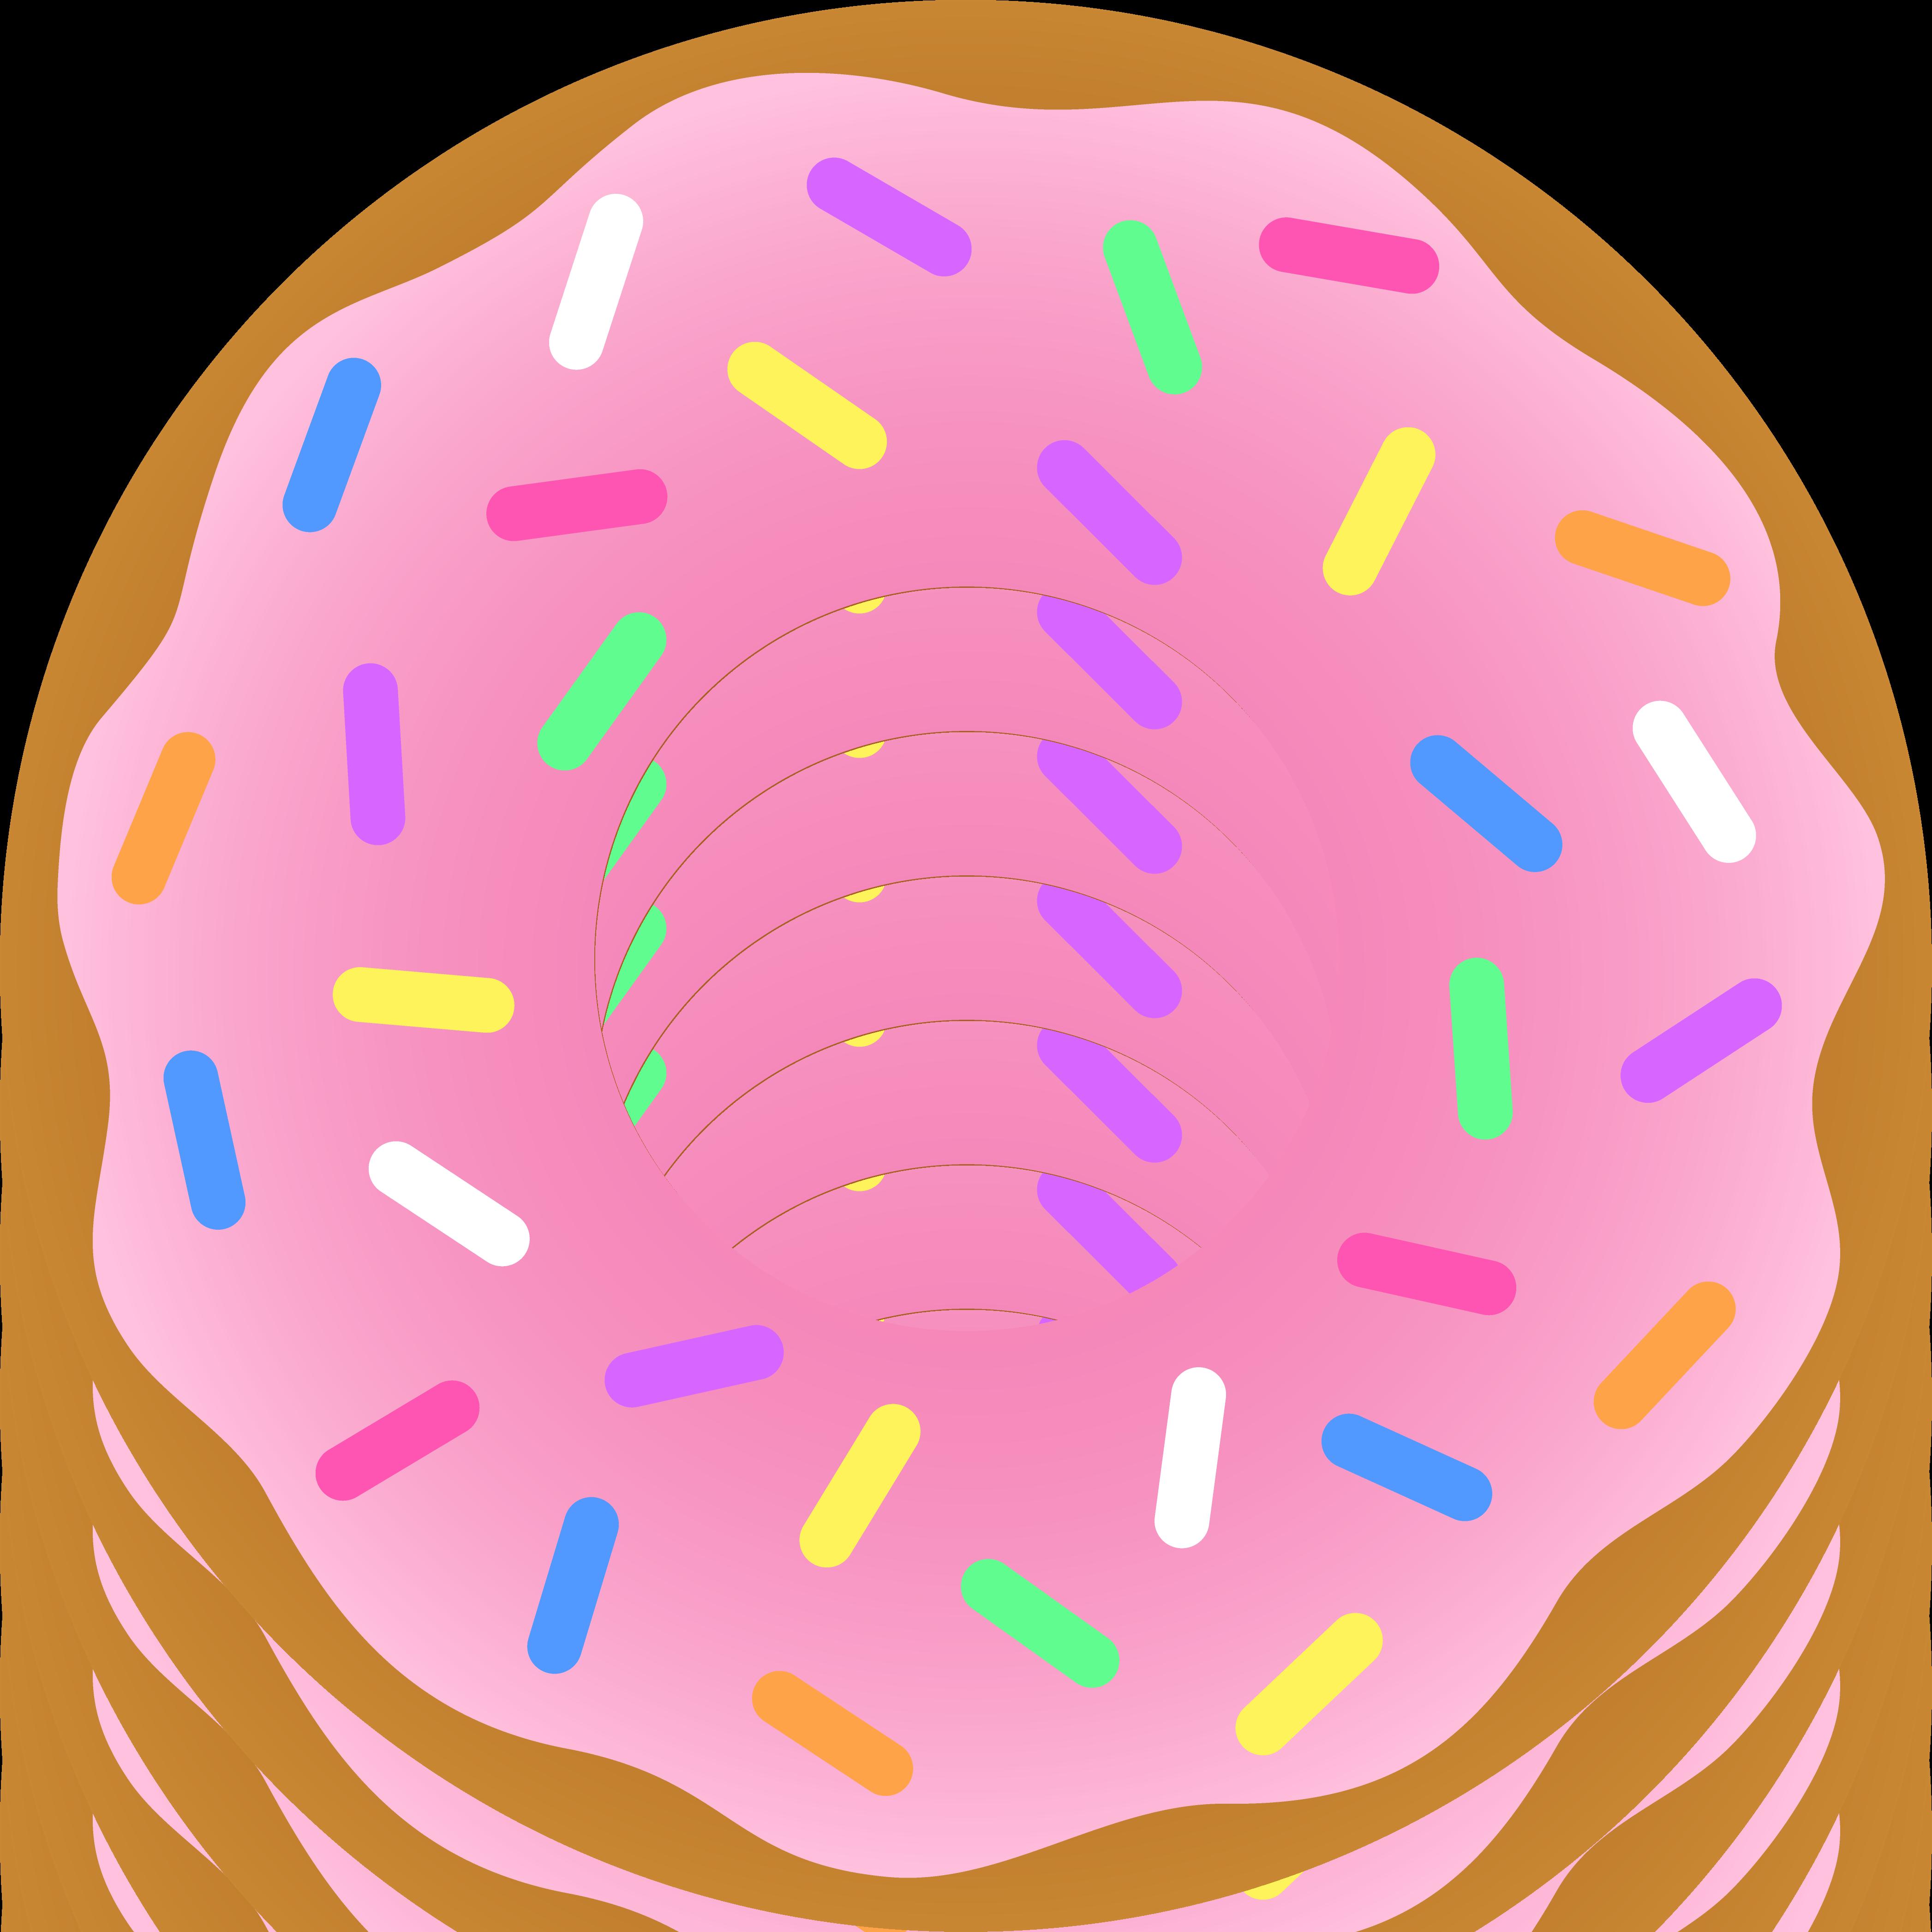 4187x4187 Strawberry Donut With Sprinkles